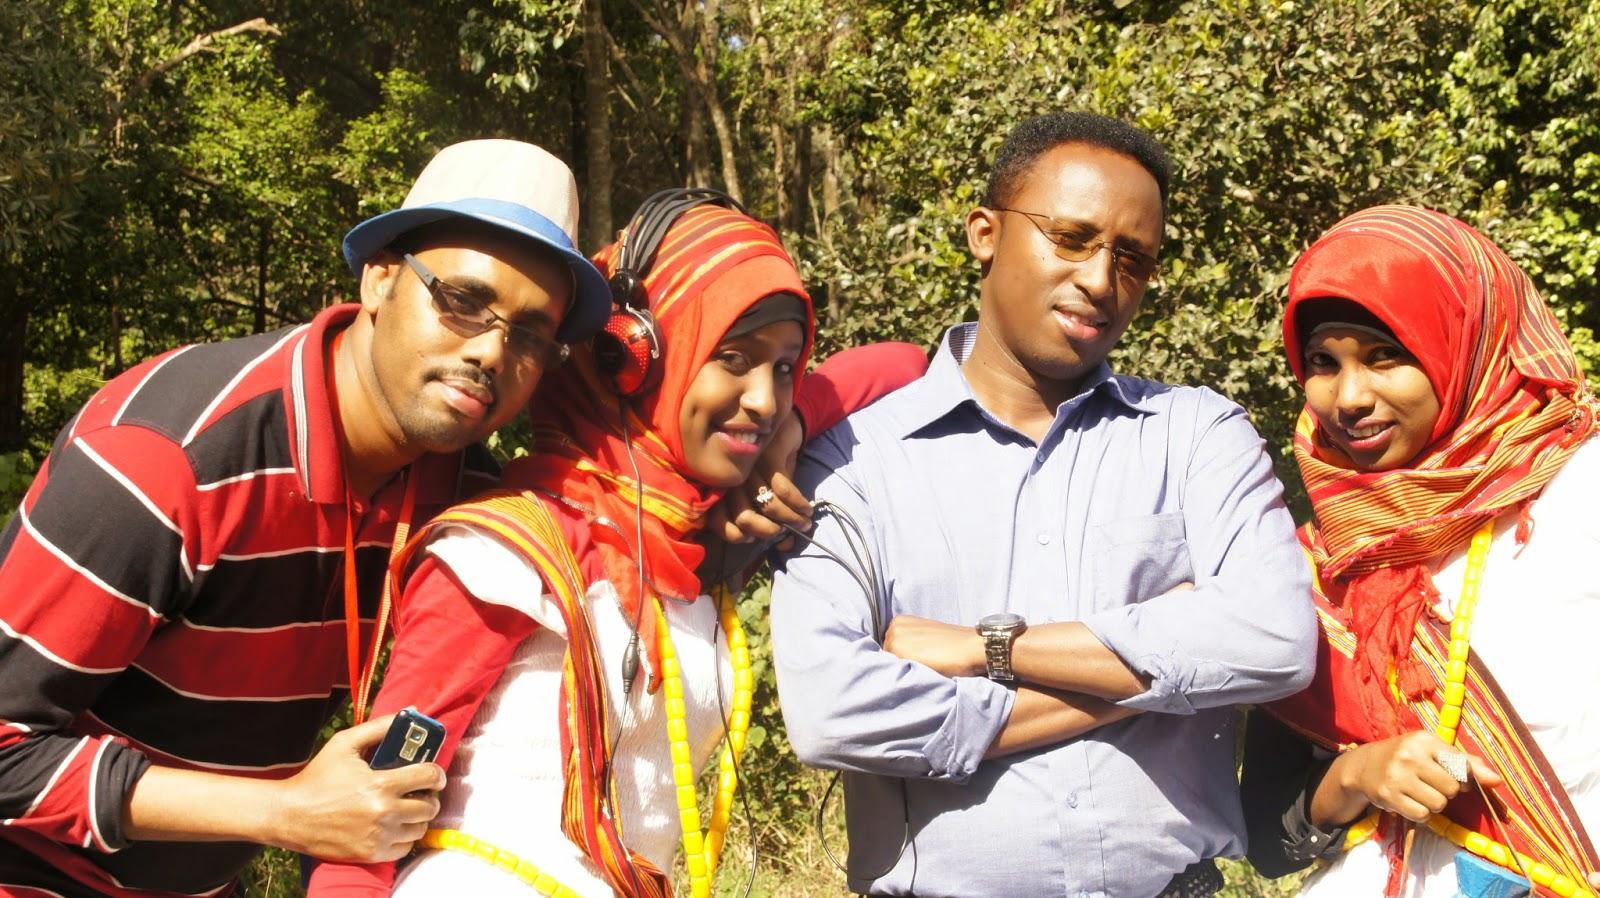 the somali culture